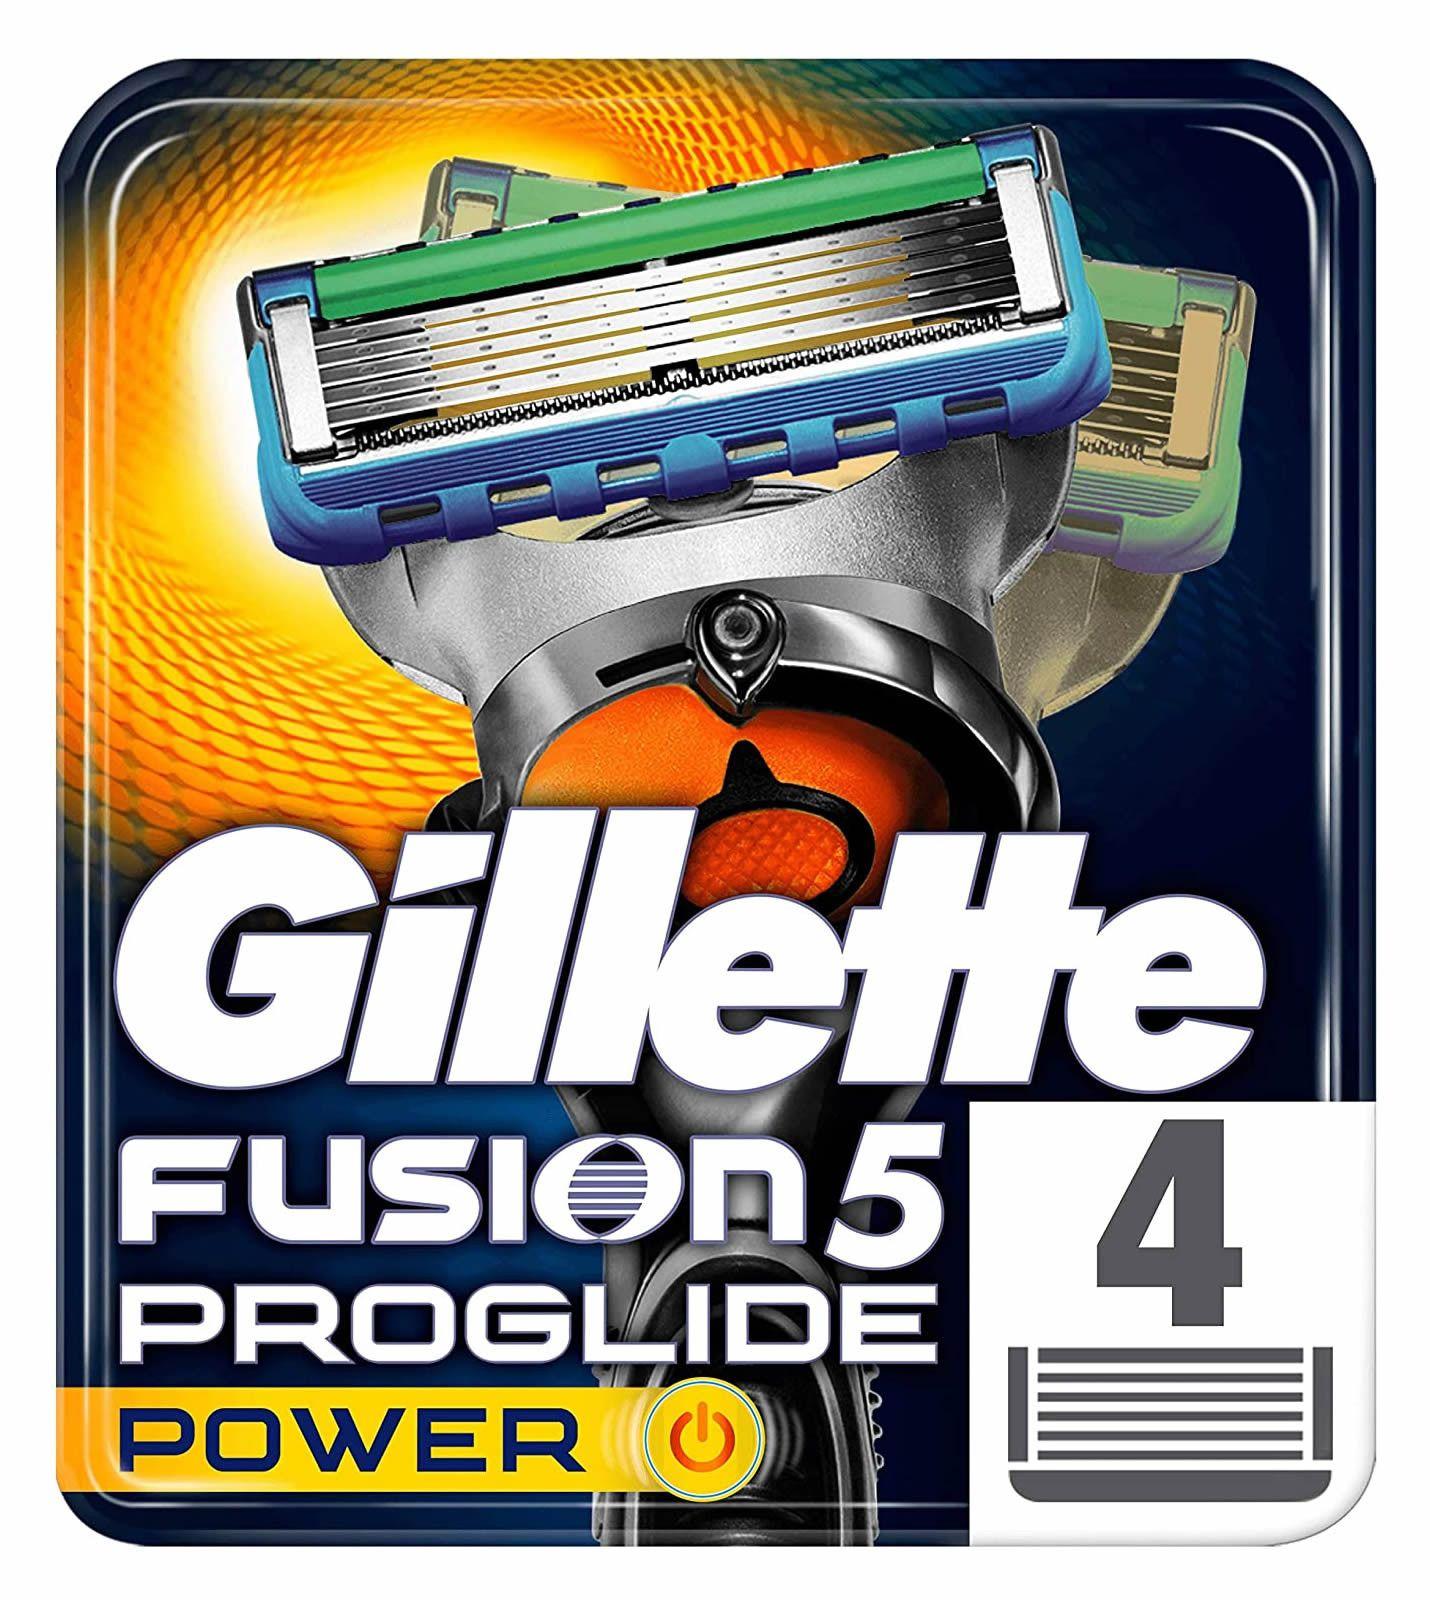 Gillette Fusion5 Proglide Power Razor Blades For Men 4 Refills In 2020 Gillette Razor Power Man Gillette Fusion